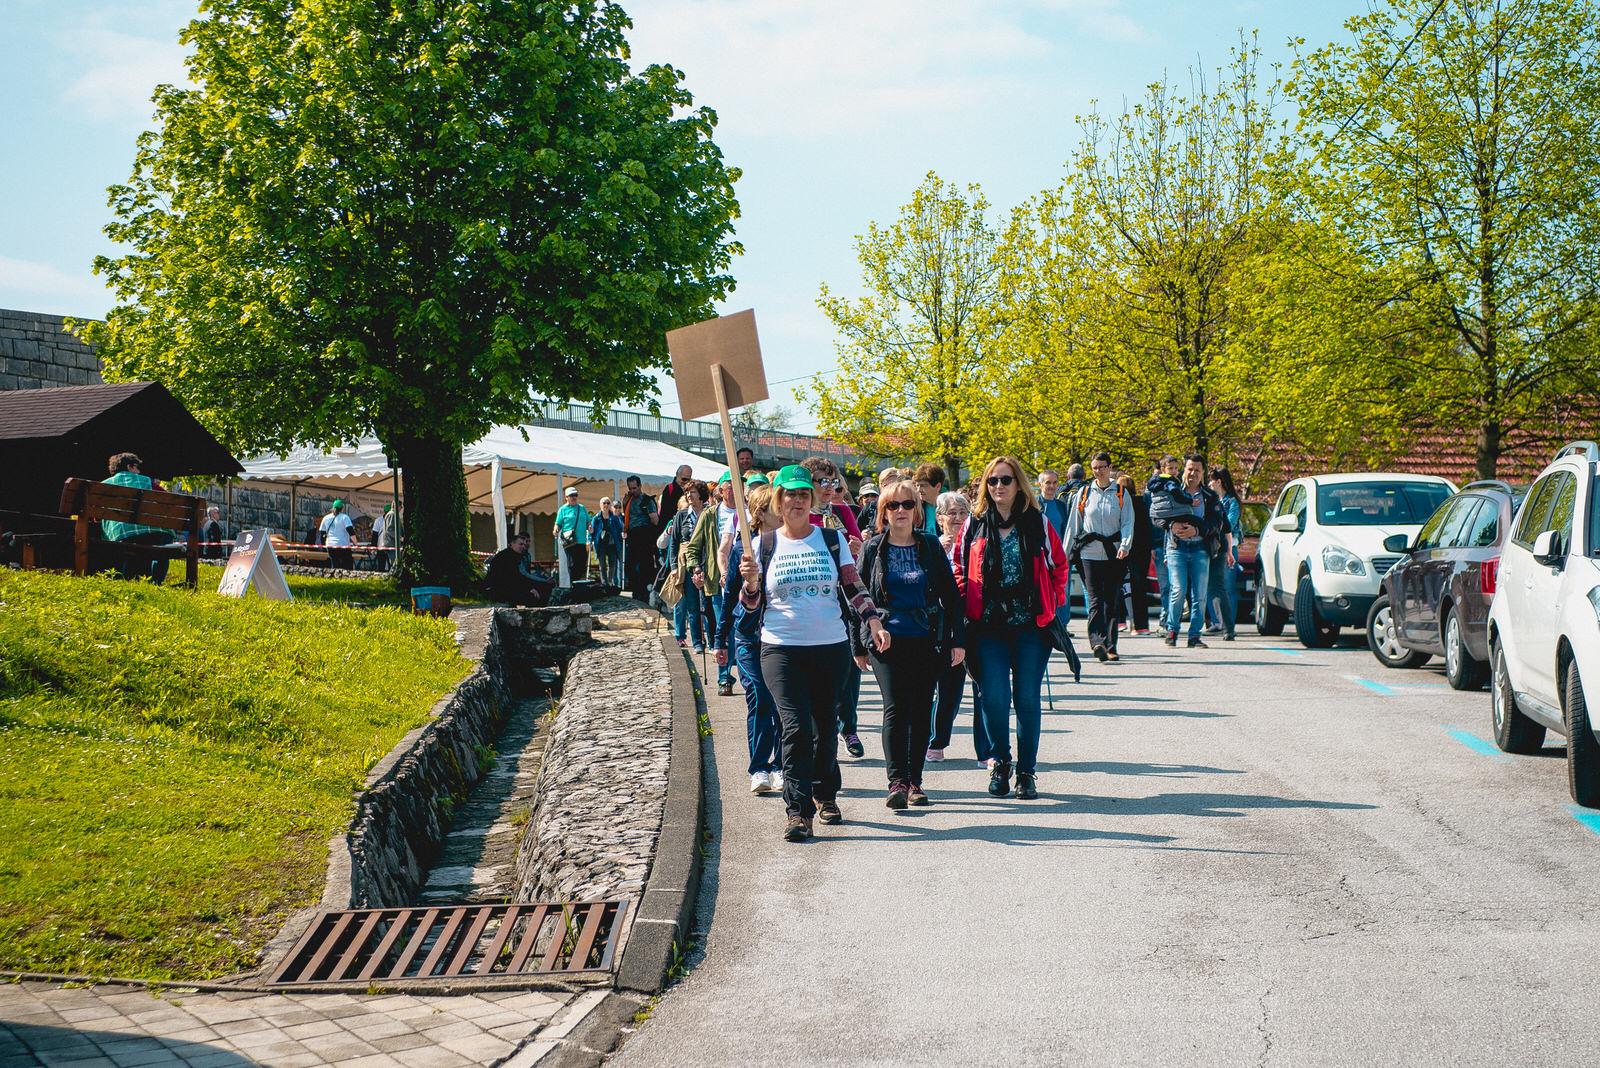 likaclub_slunj_rastoke_5-festival-nordijskog-hodanja_2019-53